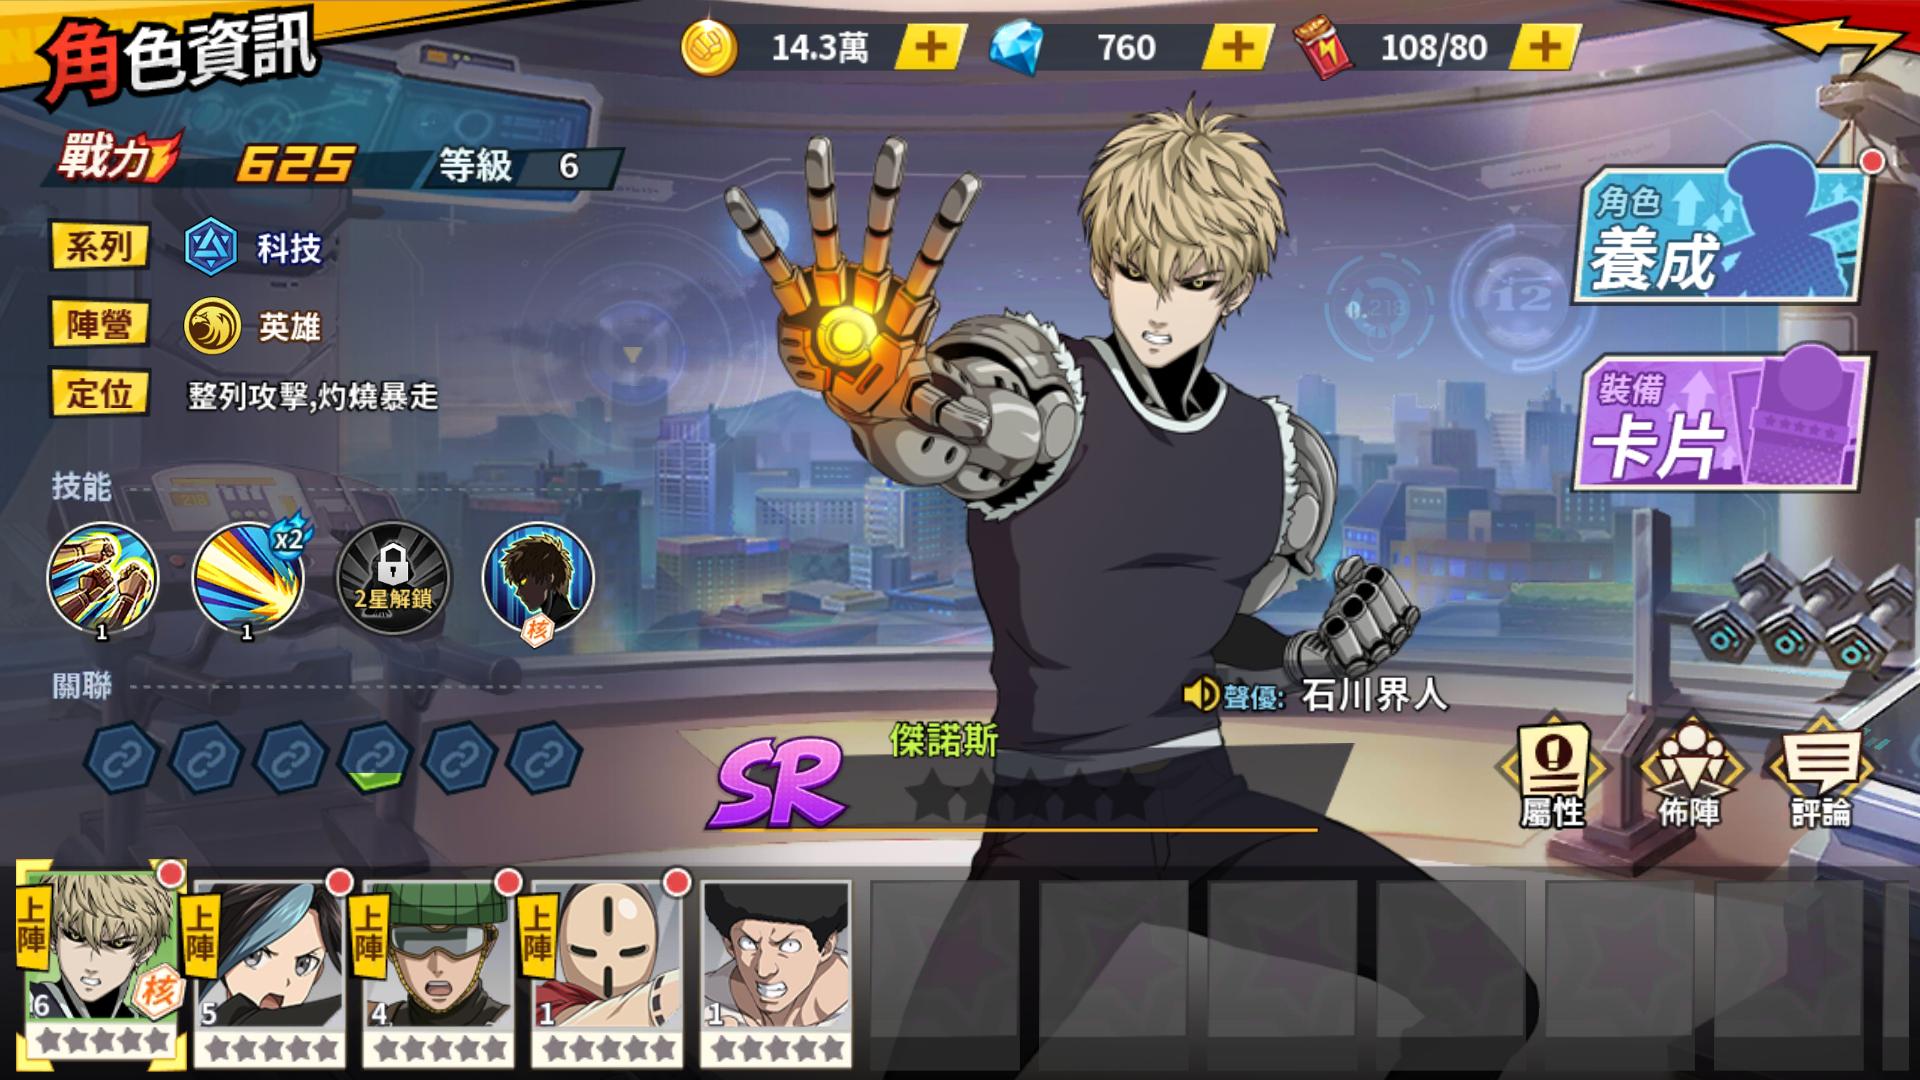 玩家在遊戲中操縱的是埼玉的弟子「傑諾斯」